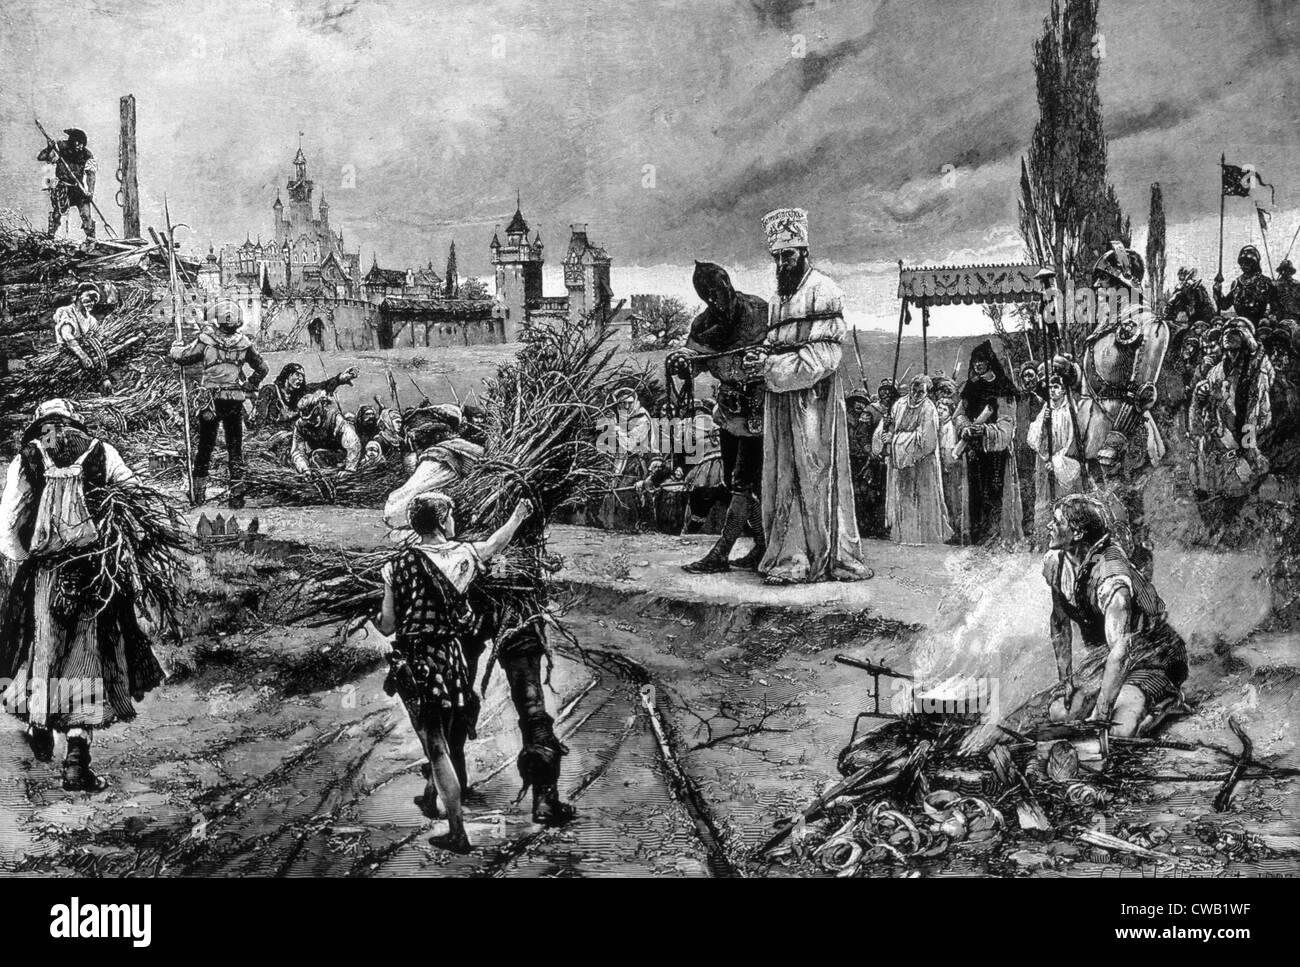 L'esecuzione di Jan Hus, condannato a essere bruciato come eretico dal Concilio di Costanza, 1415 Immagini Stock